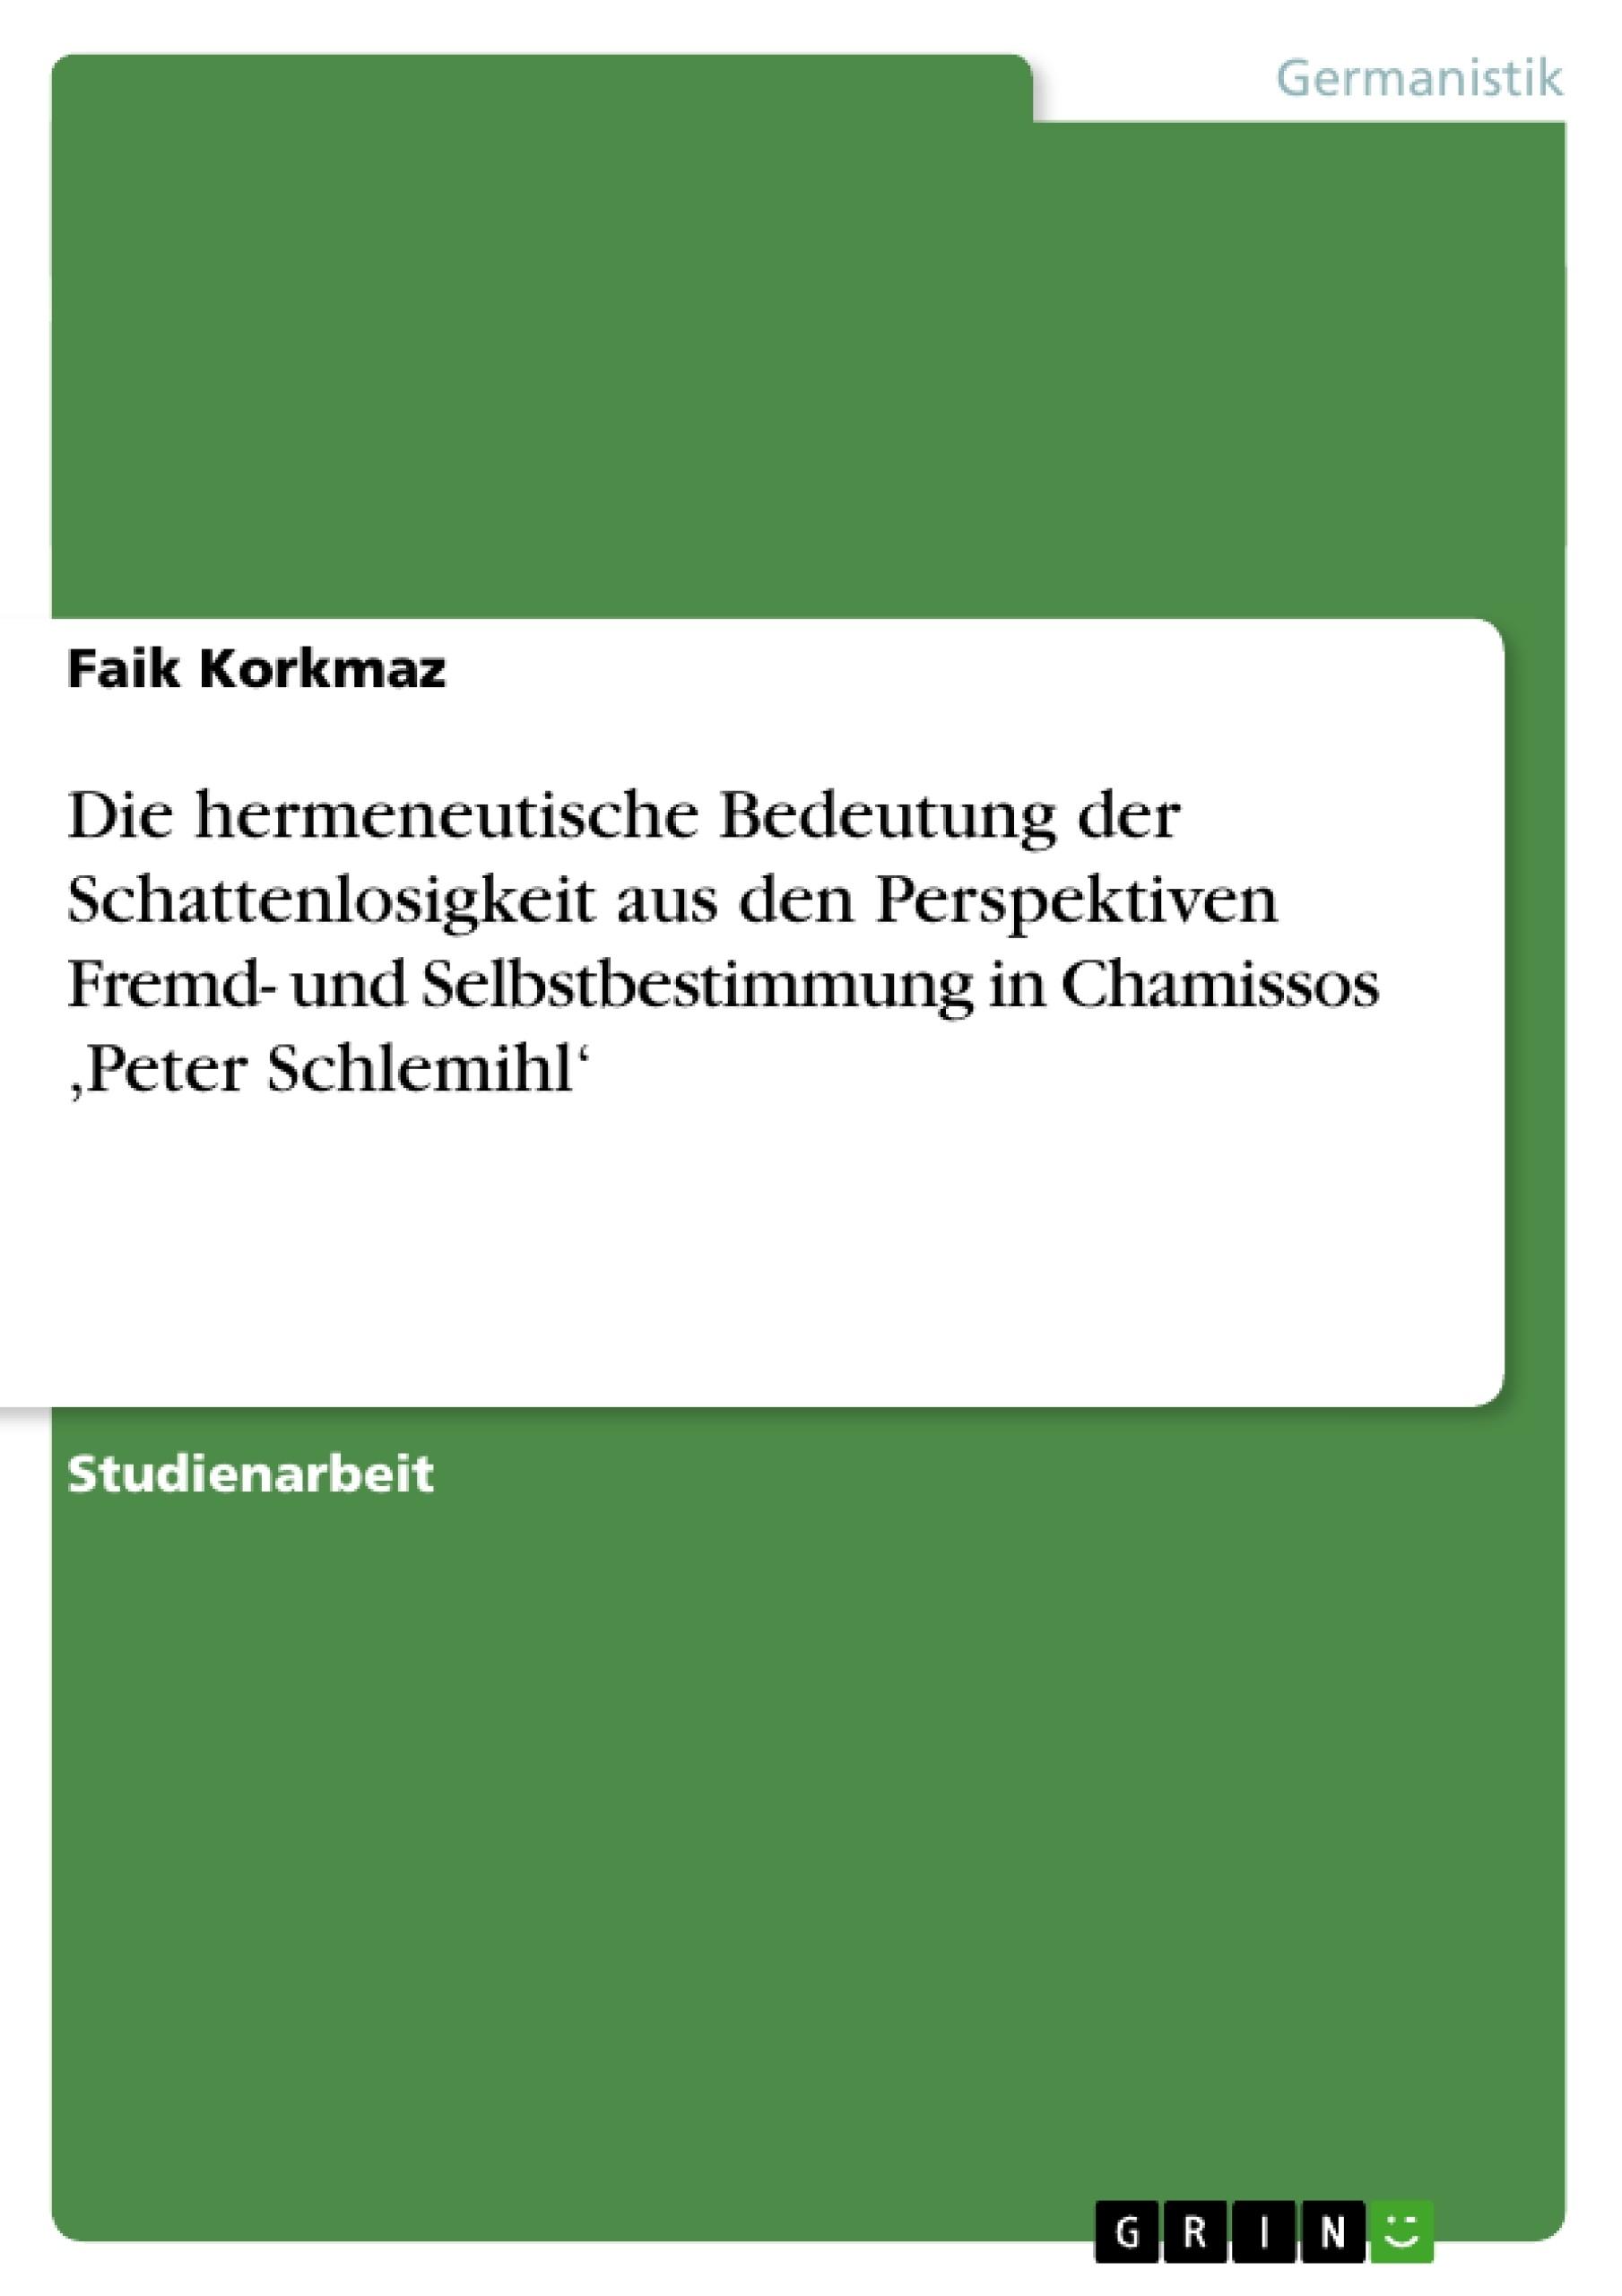 Titel: Die hermeneutische Bedeutung der Schattenlosigkeit aus den Perspektiven Fremd- und Selbstbestimmung in Chamissos ,Peter Schlemihl'